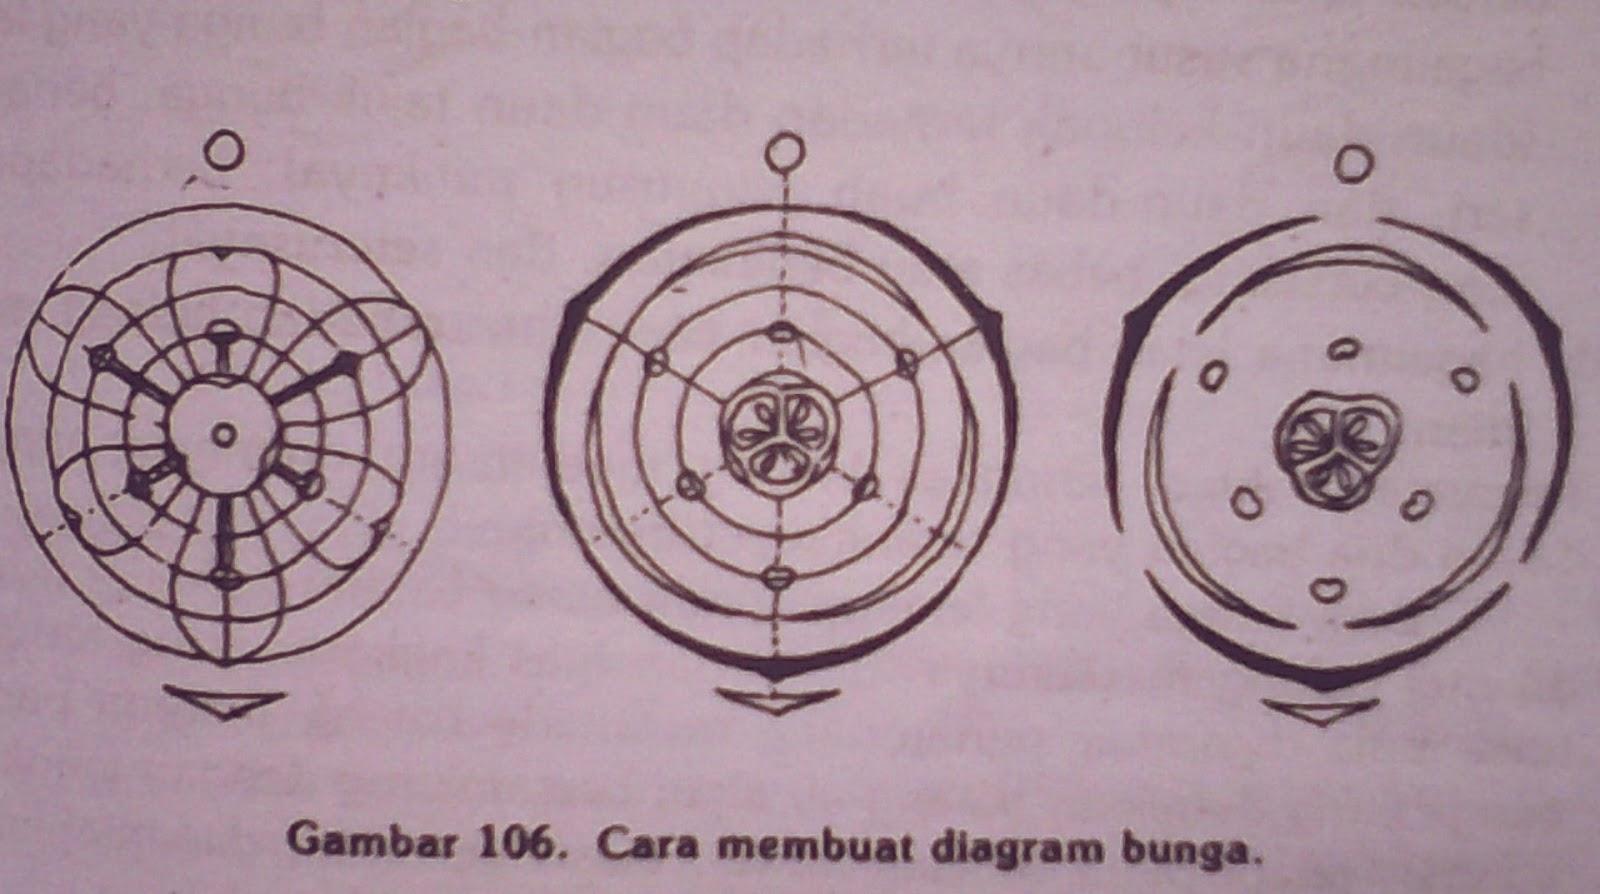 Tugas morfologi tumbuhan jika dari bunga yang hendak kita buat diagramnya telah kita tentukan kedua hal tersebut kita mulai dengan membuat sejumlah lingkaran yang konsentris ccuart Image collections